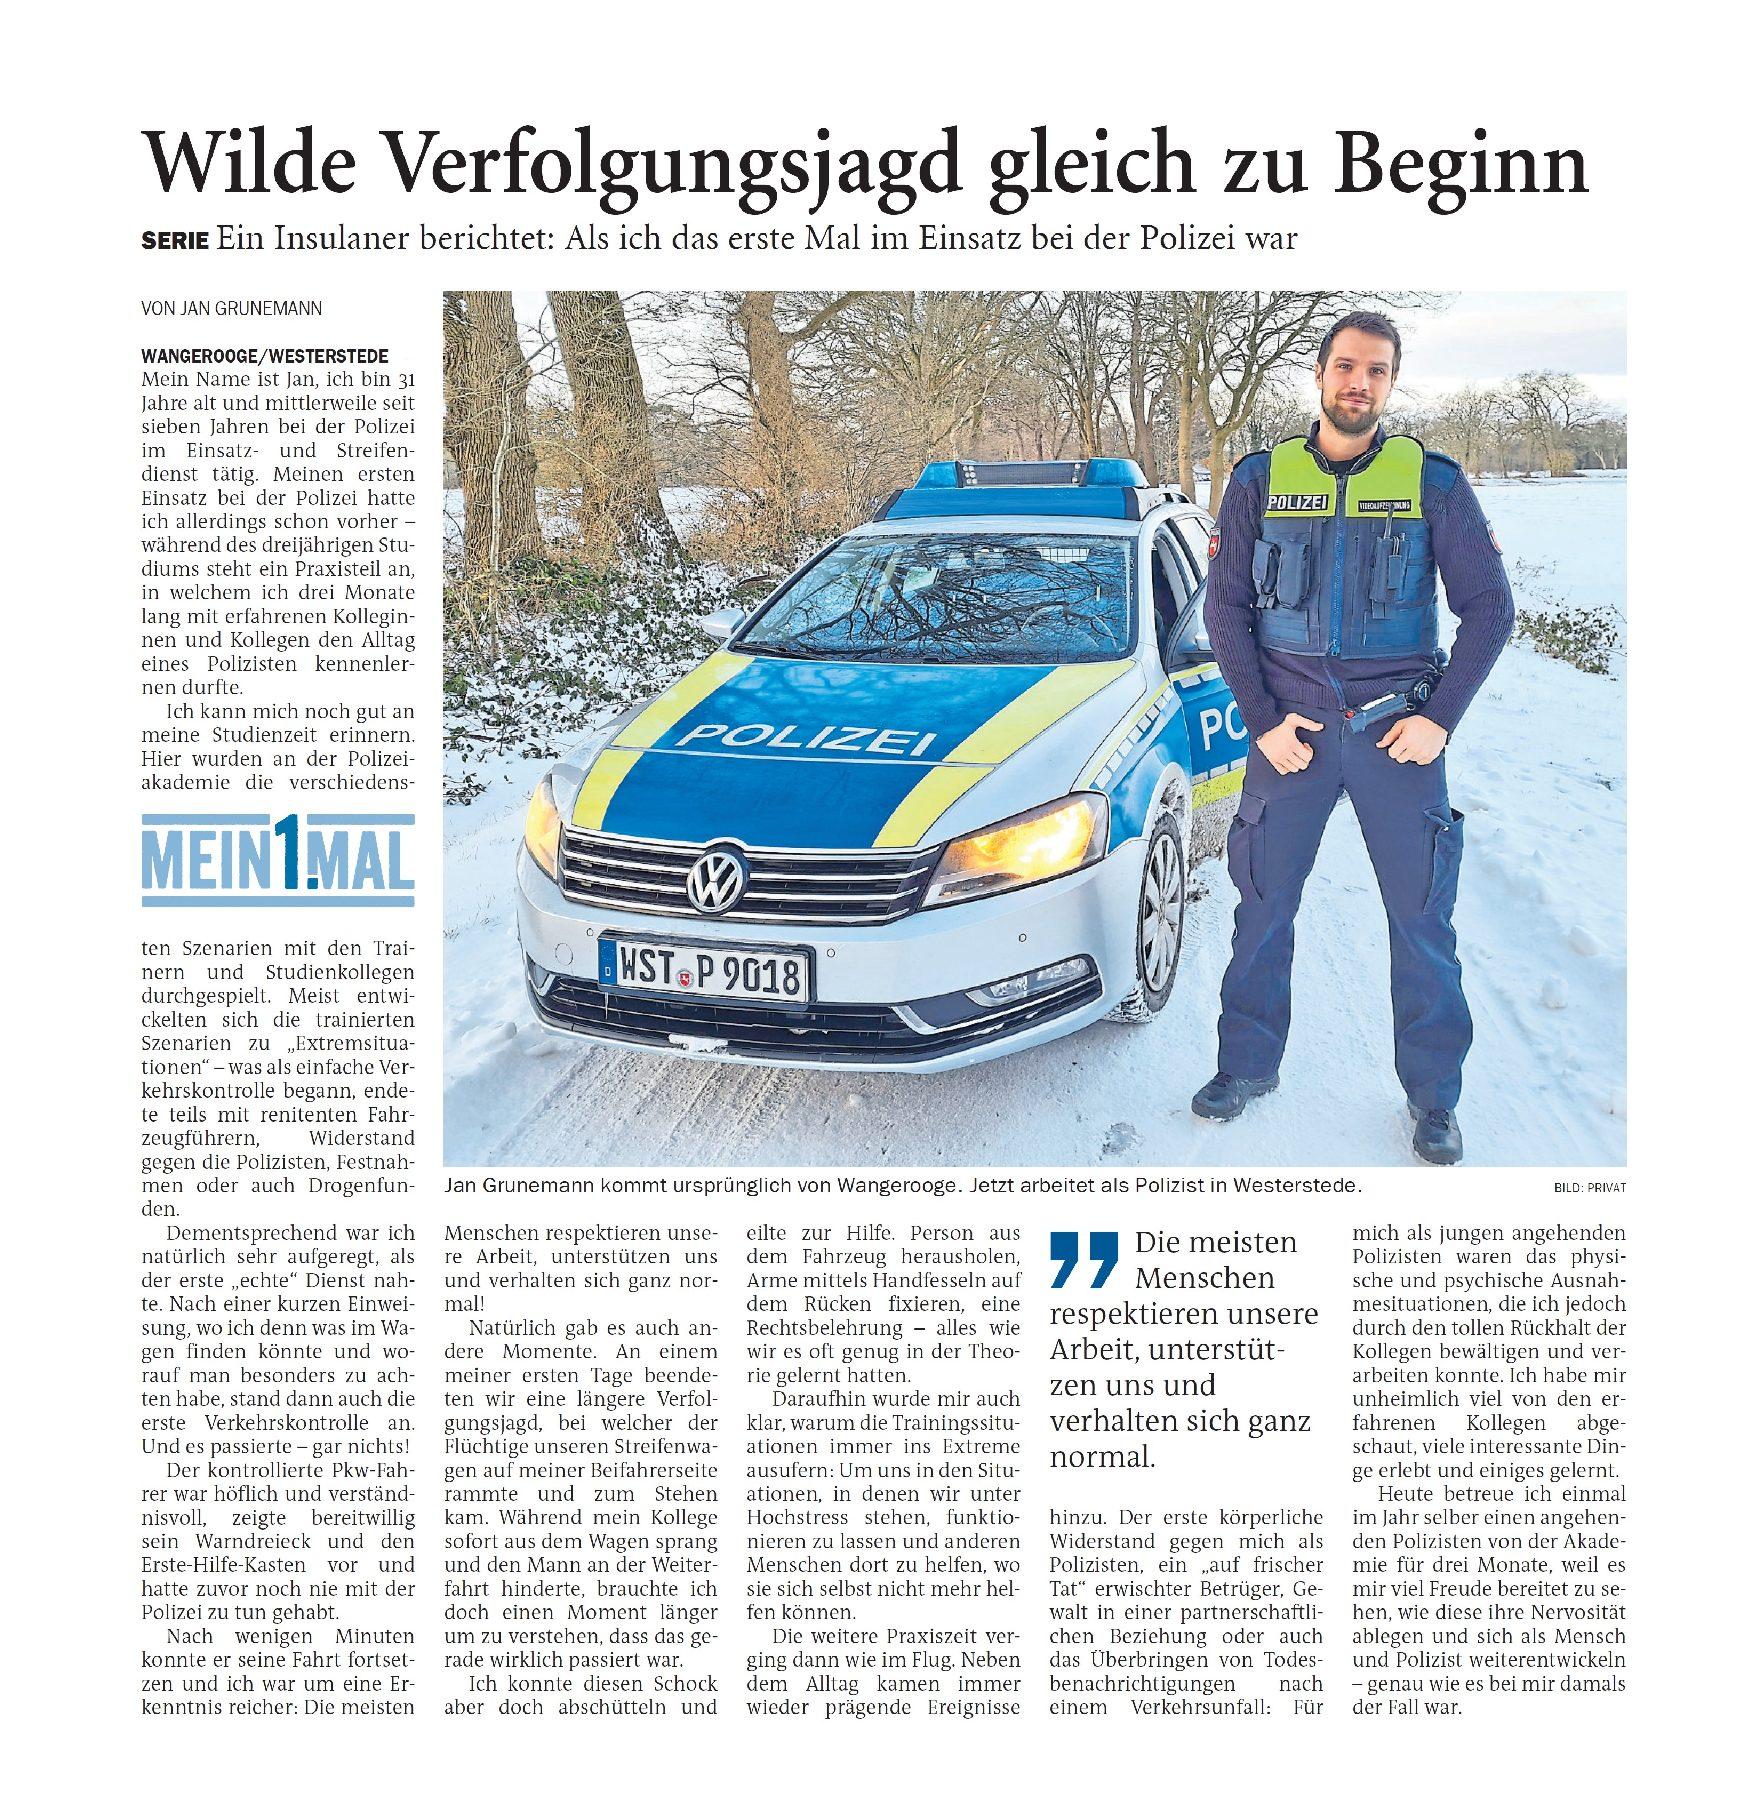 Jeversches Wochenblatt 24.02.2021 II